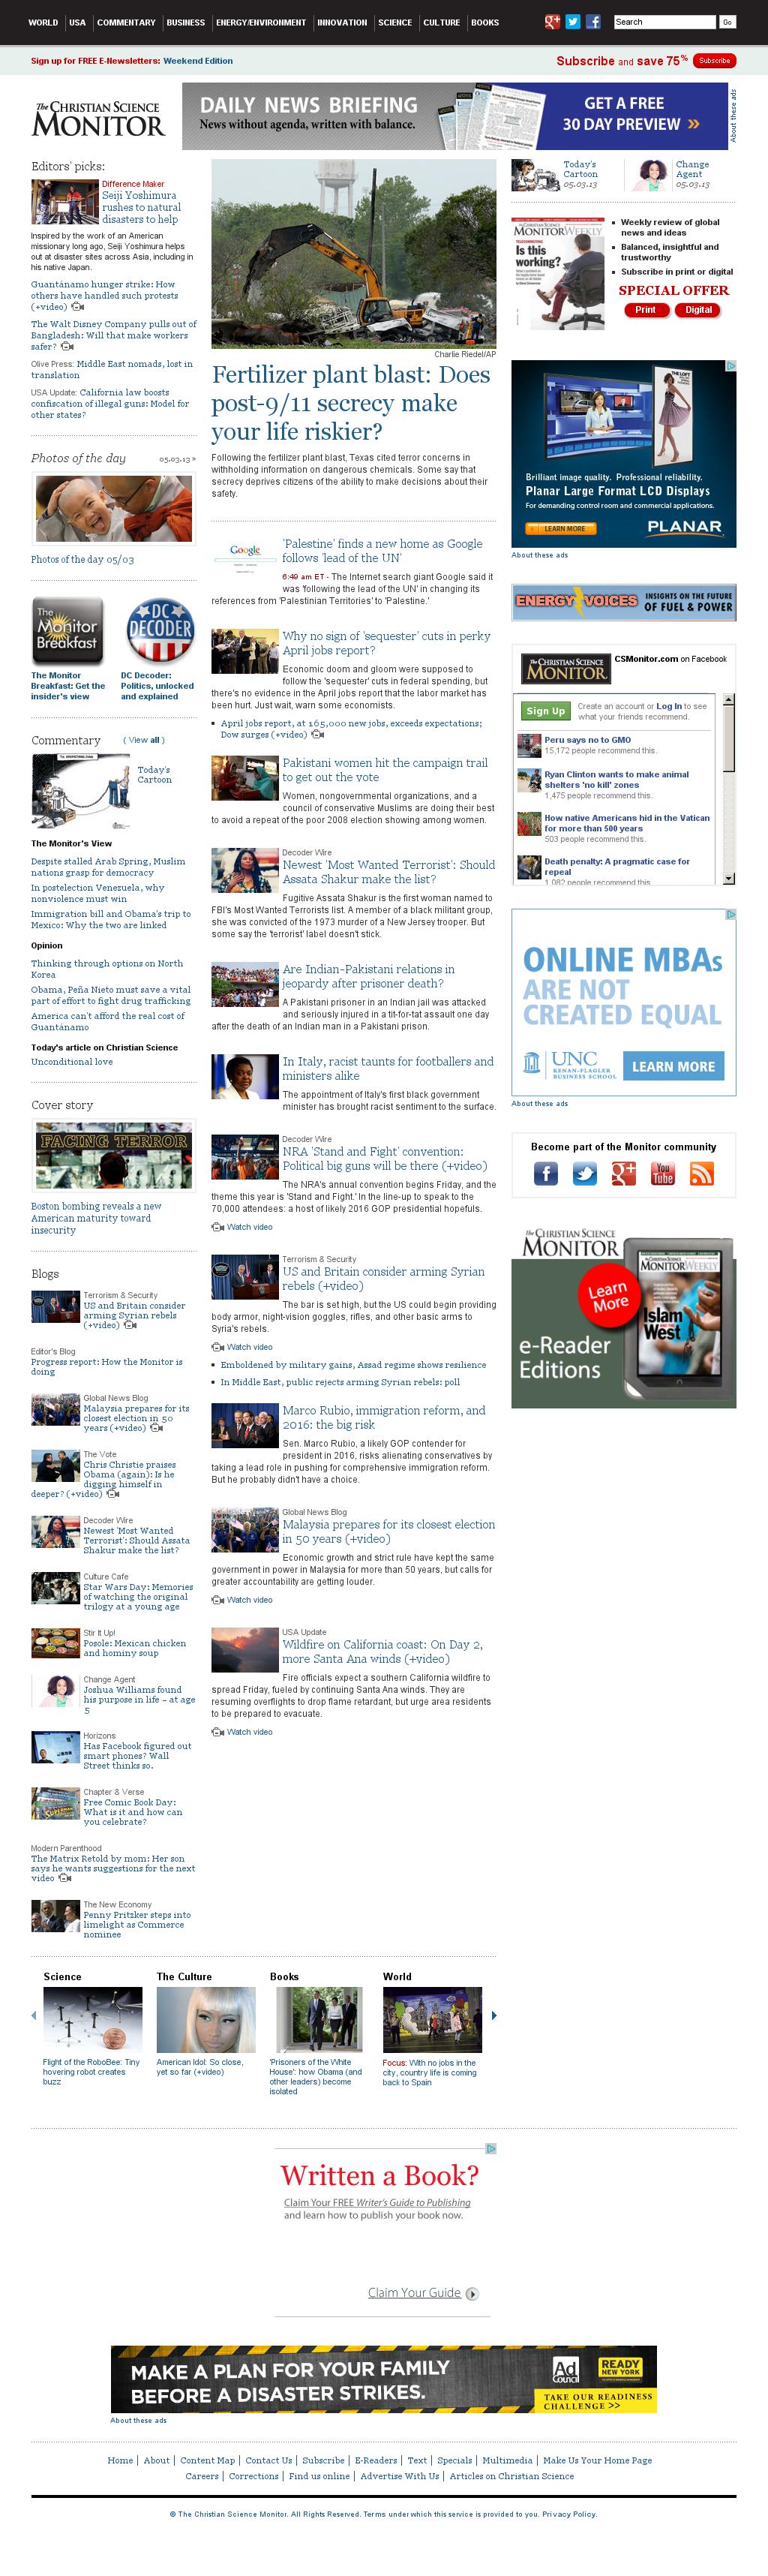 The Christian Science Monitor at Saturday May 4, 2013, 1:05 p.m. UTC